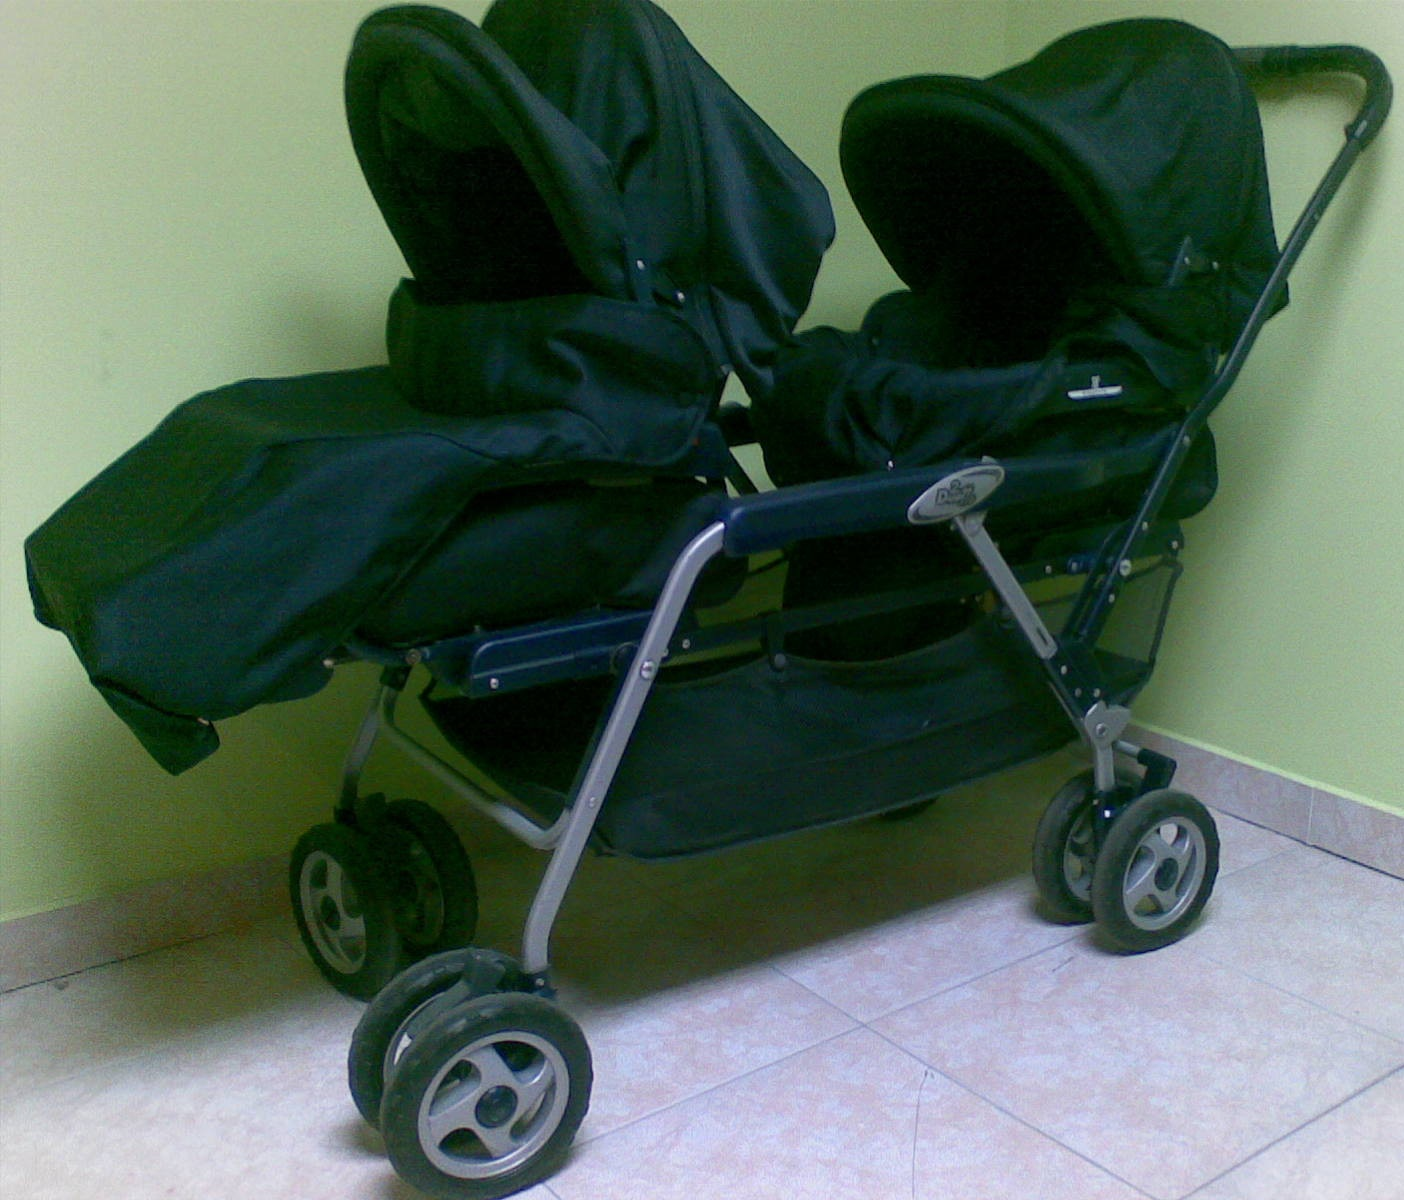 Coches manuales sillas coche segunda mano coruna - Silla coche segunda mano ...